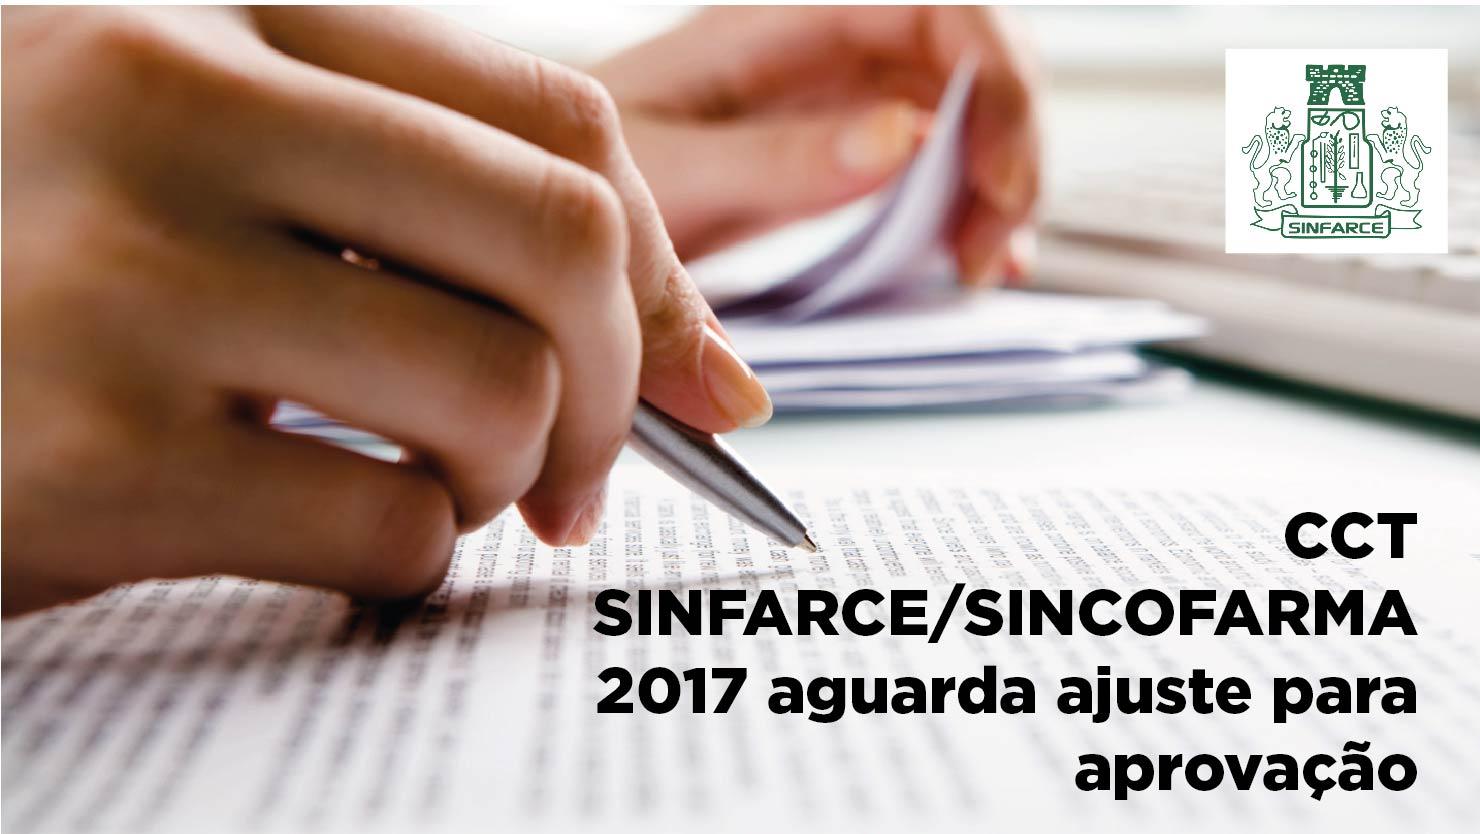 CCT SINFARCE/SINCOFARMA 2017 aguarda ajuste para aprova��o